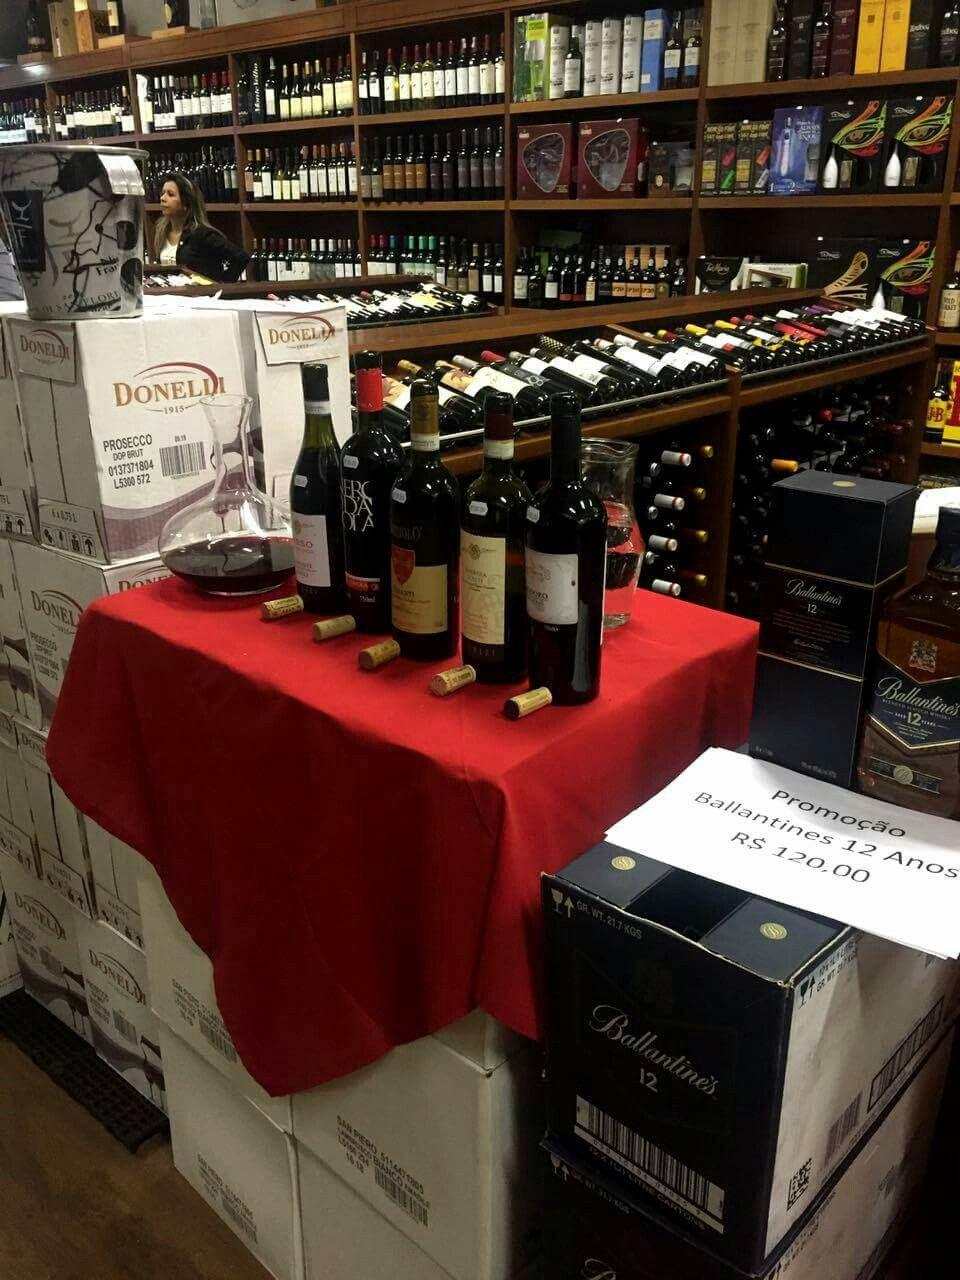 Chaves Oliveira Wines Na Feira De Vinhos Da Venews Bebidas Em Sao Paulo Foram Degustados Os Vinhos Barbera D Asti Patrizi P Chaves Vinhos